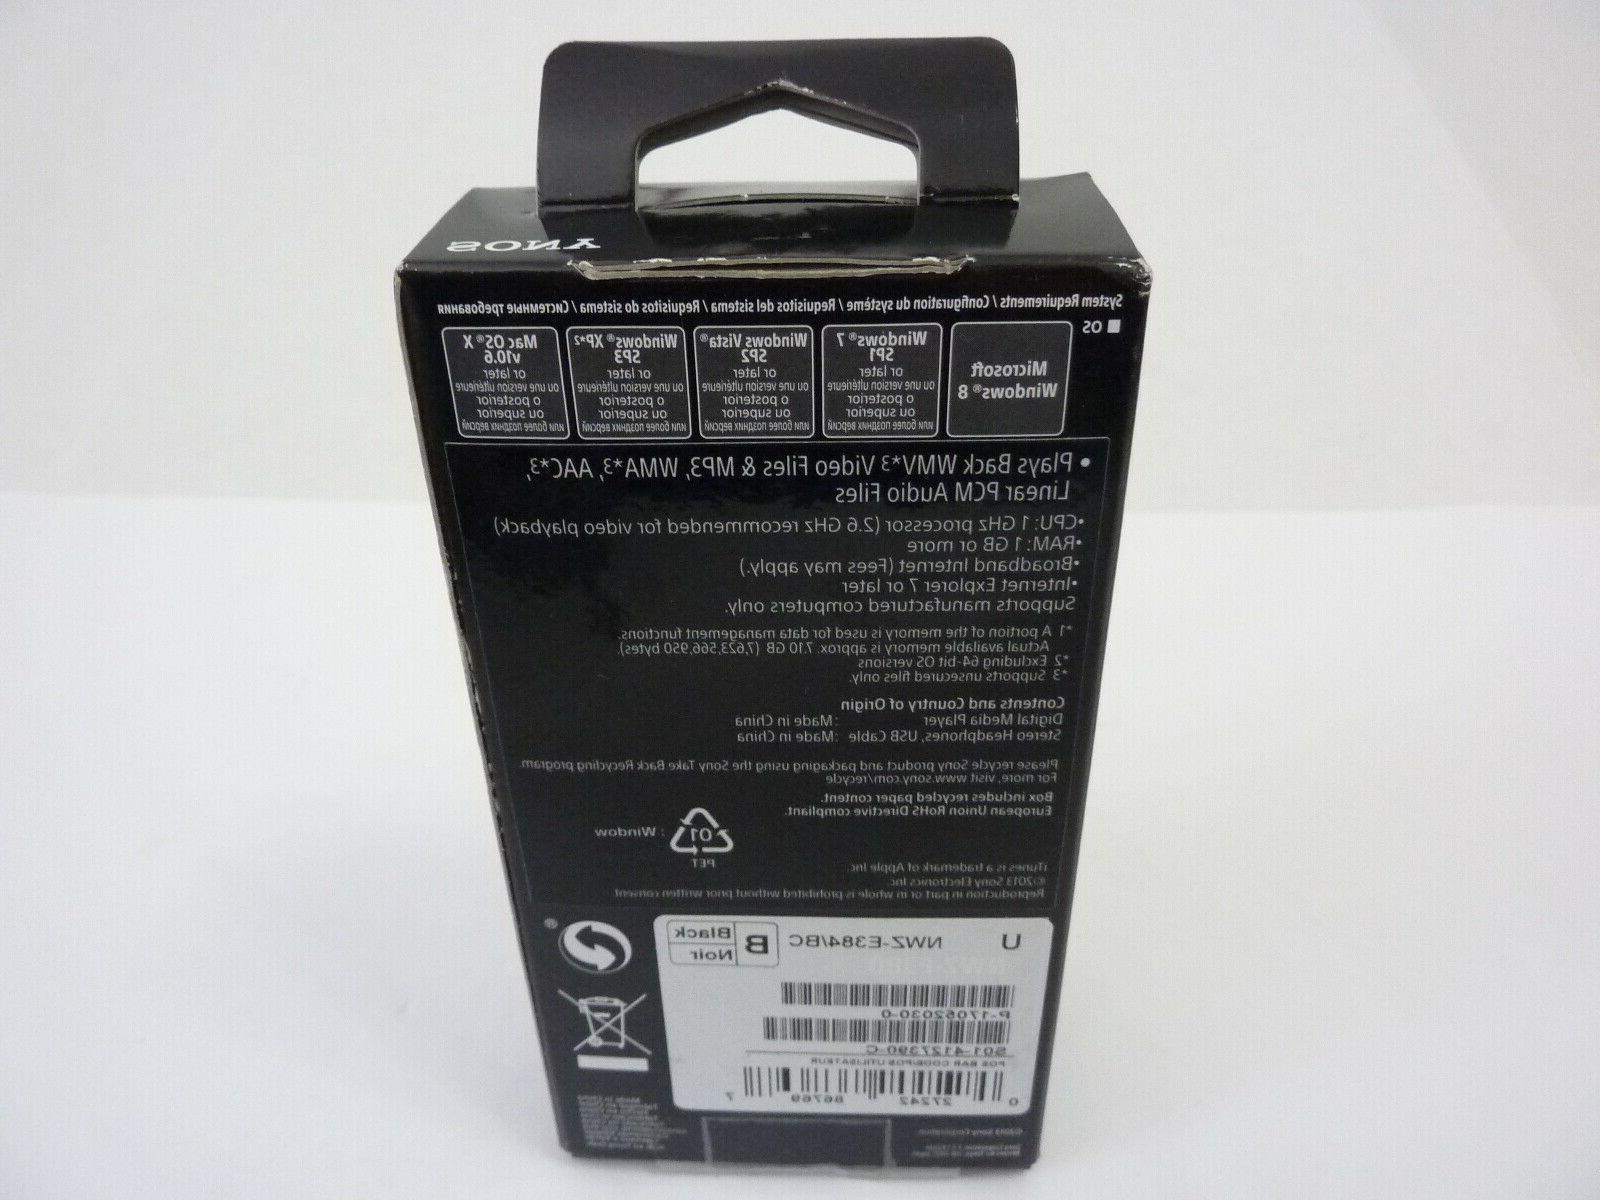 NEW - NWZ-E384 Portable Player 8GB